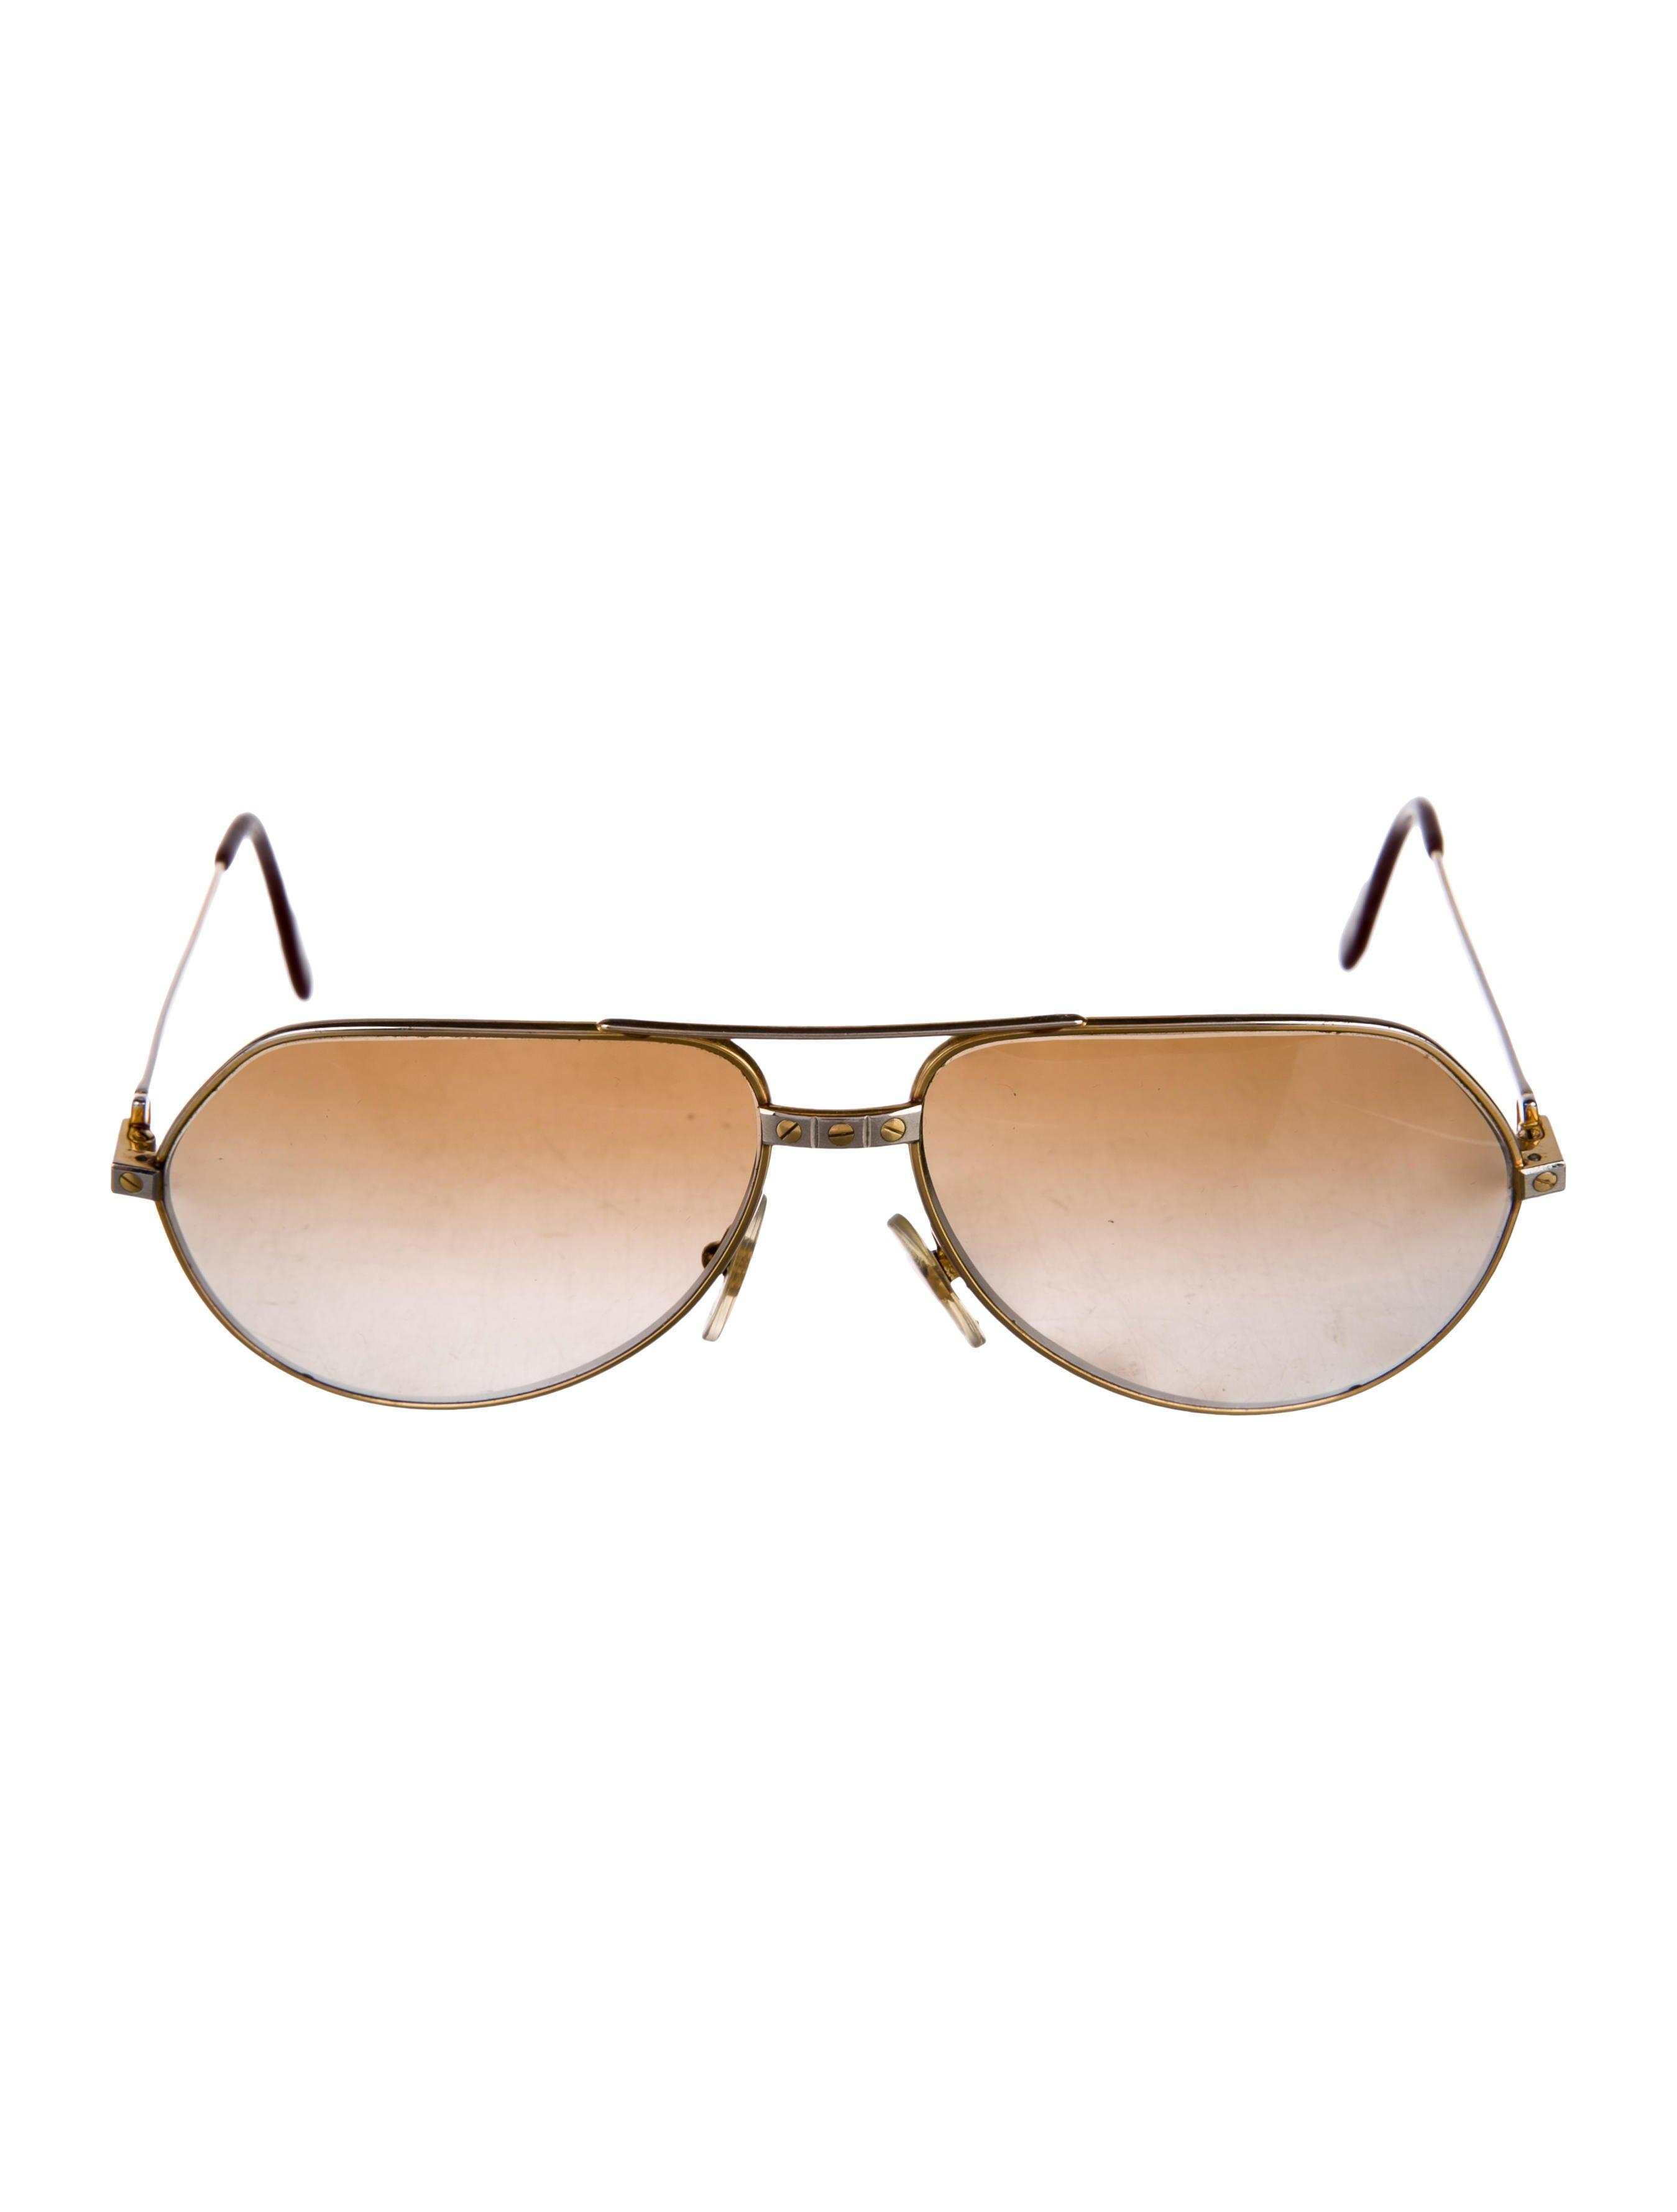 40ed31e763 Cartier Vendome Santos Aviator Sunglasses - Accessories - CRT35930 ...